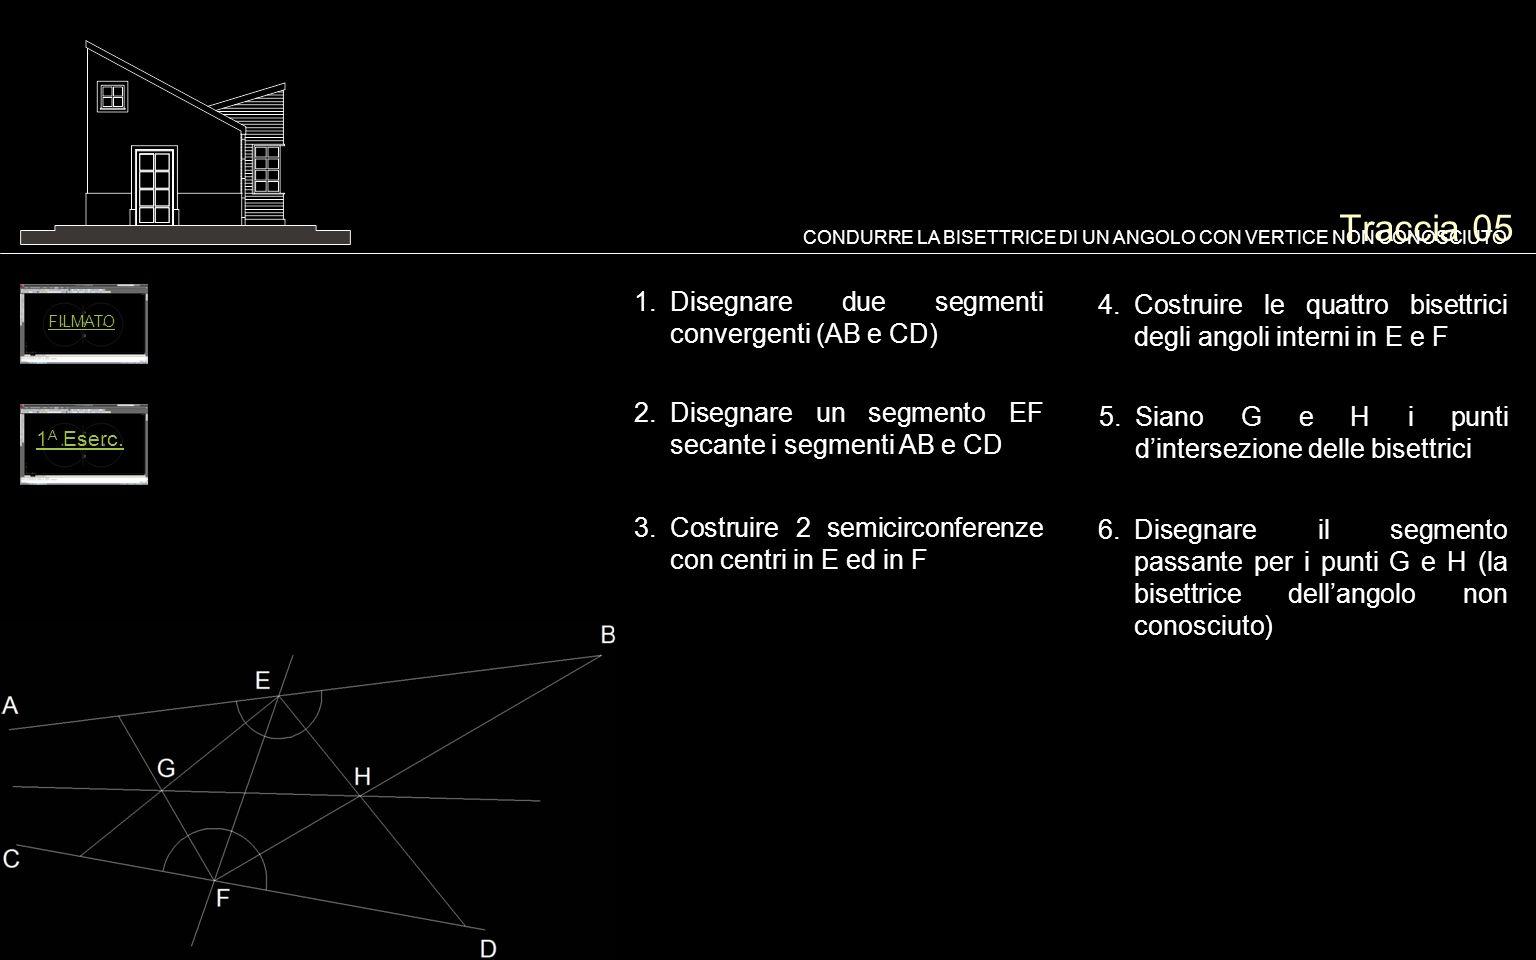 Traccia 05 Disegnare due segmenti convergenti (AB e CD)